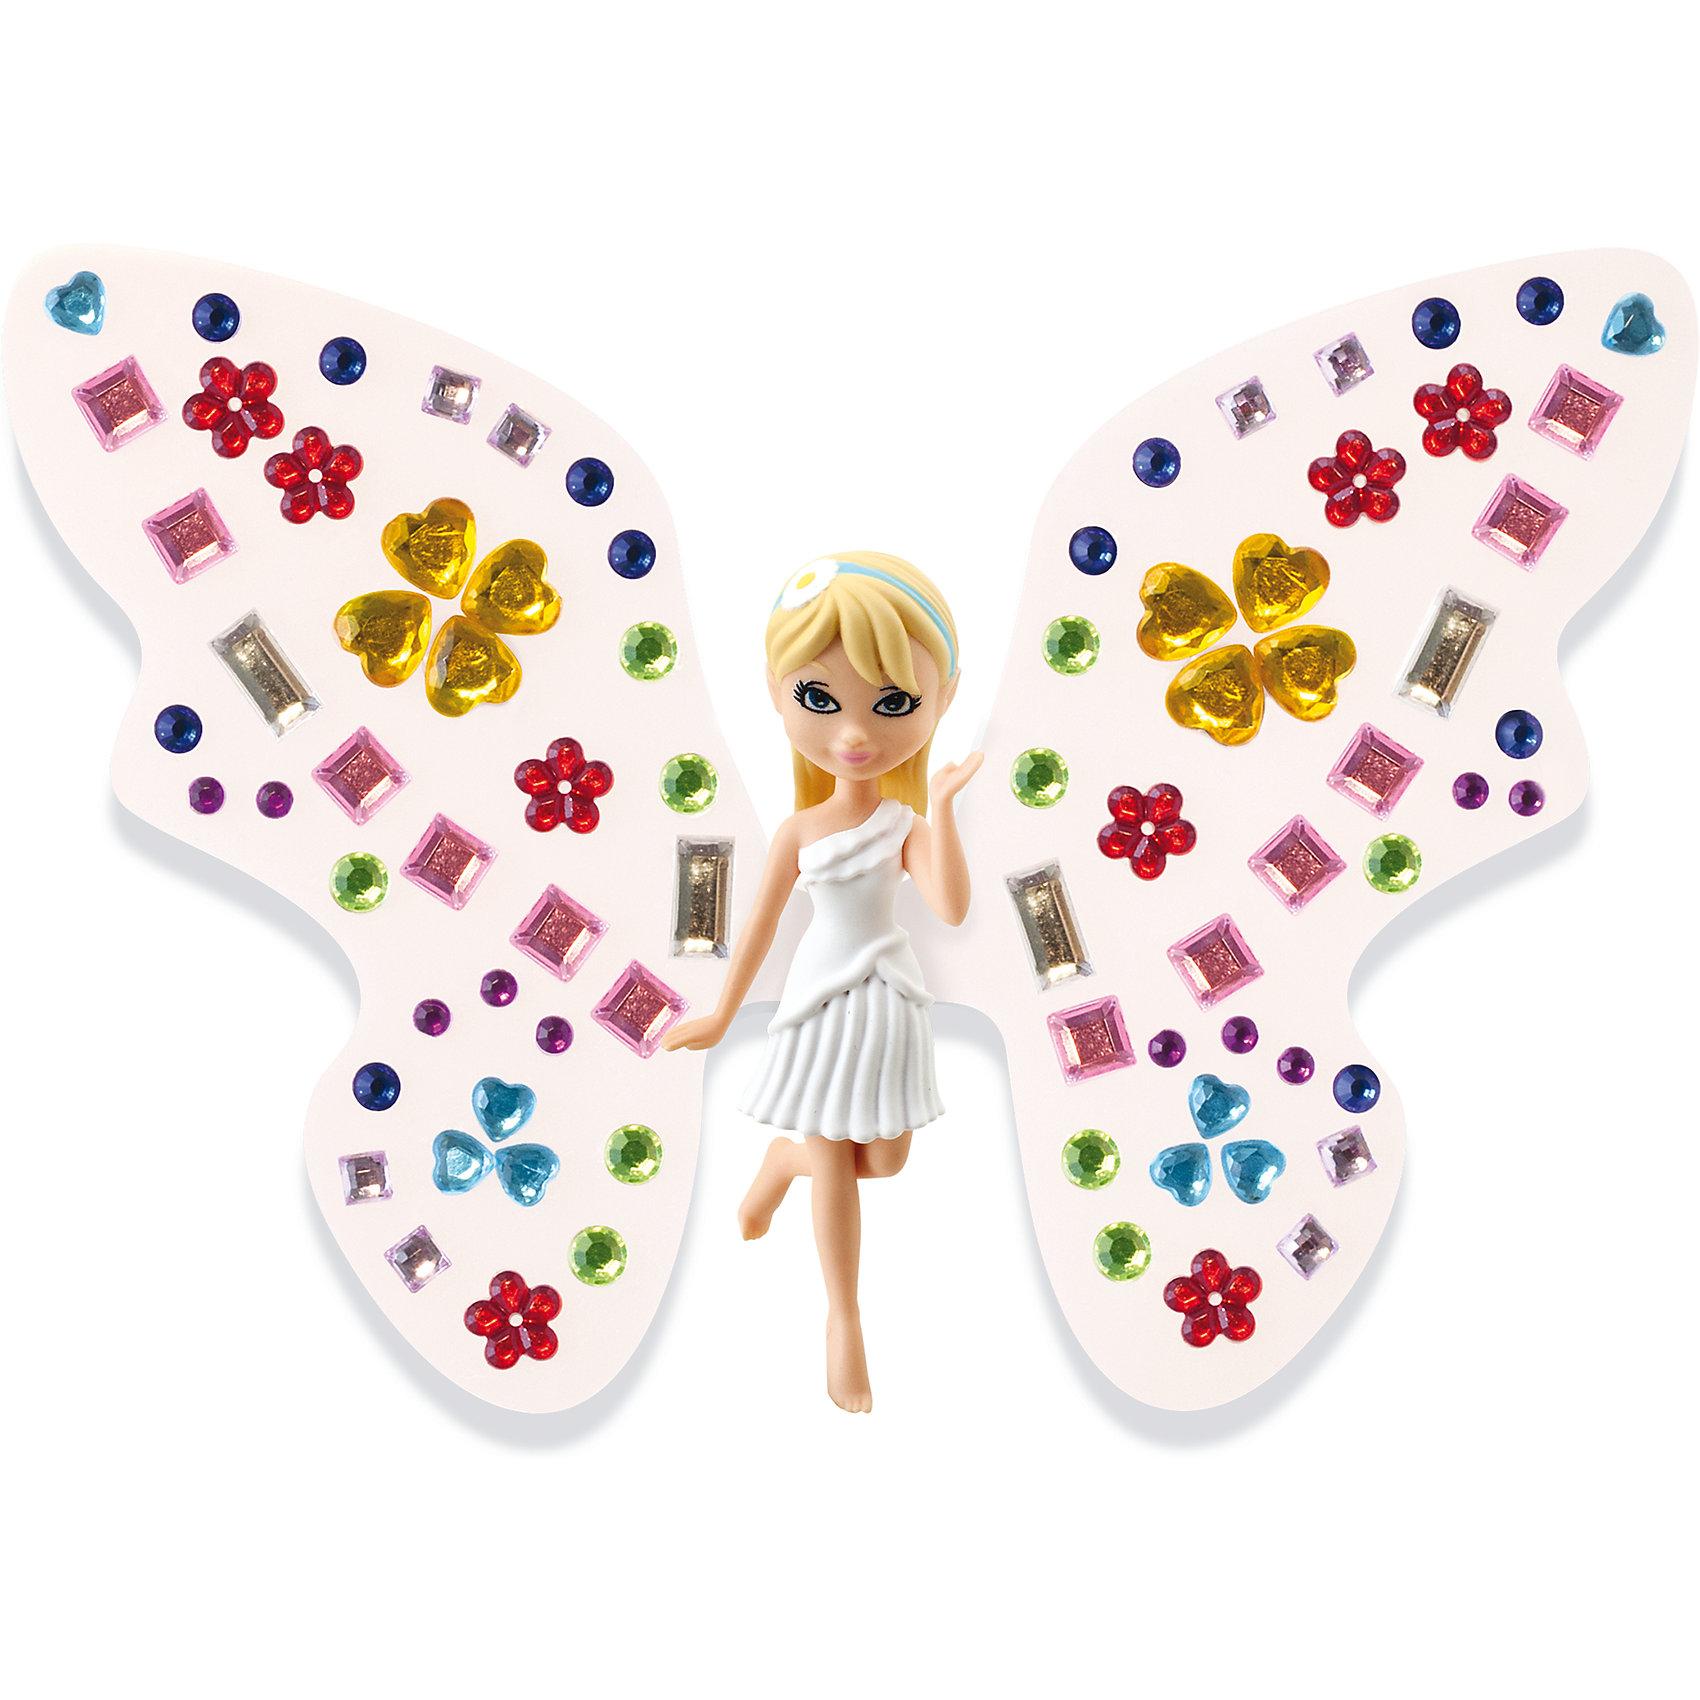 Игровой набор Фея Дейзи, Shimmer WingСюжетно-ролевые игры<br>Собирай фей и питомцев, декорируй им крылья различными способами, и любуйся!<br>В набор входит -фея, питомец, подставка для феи, крылья для феи и для питомца, аксессуары для декорирования крыльев.<br><br>Ширина мм: 90<br>Глубина мм: 200<br>Высота мм: 210<br>Вес г: 141<br>Возраст от месяцев: 60<br>Возраст до месяцев: 2147483647<br>Пол: Женский<br>Возраст: Детский<br>SKU: 5478830